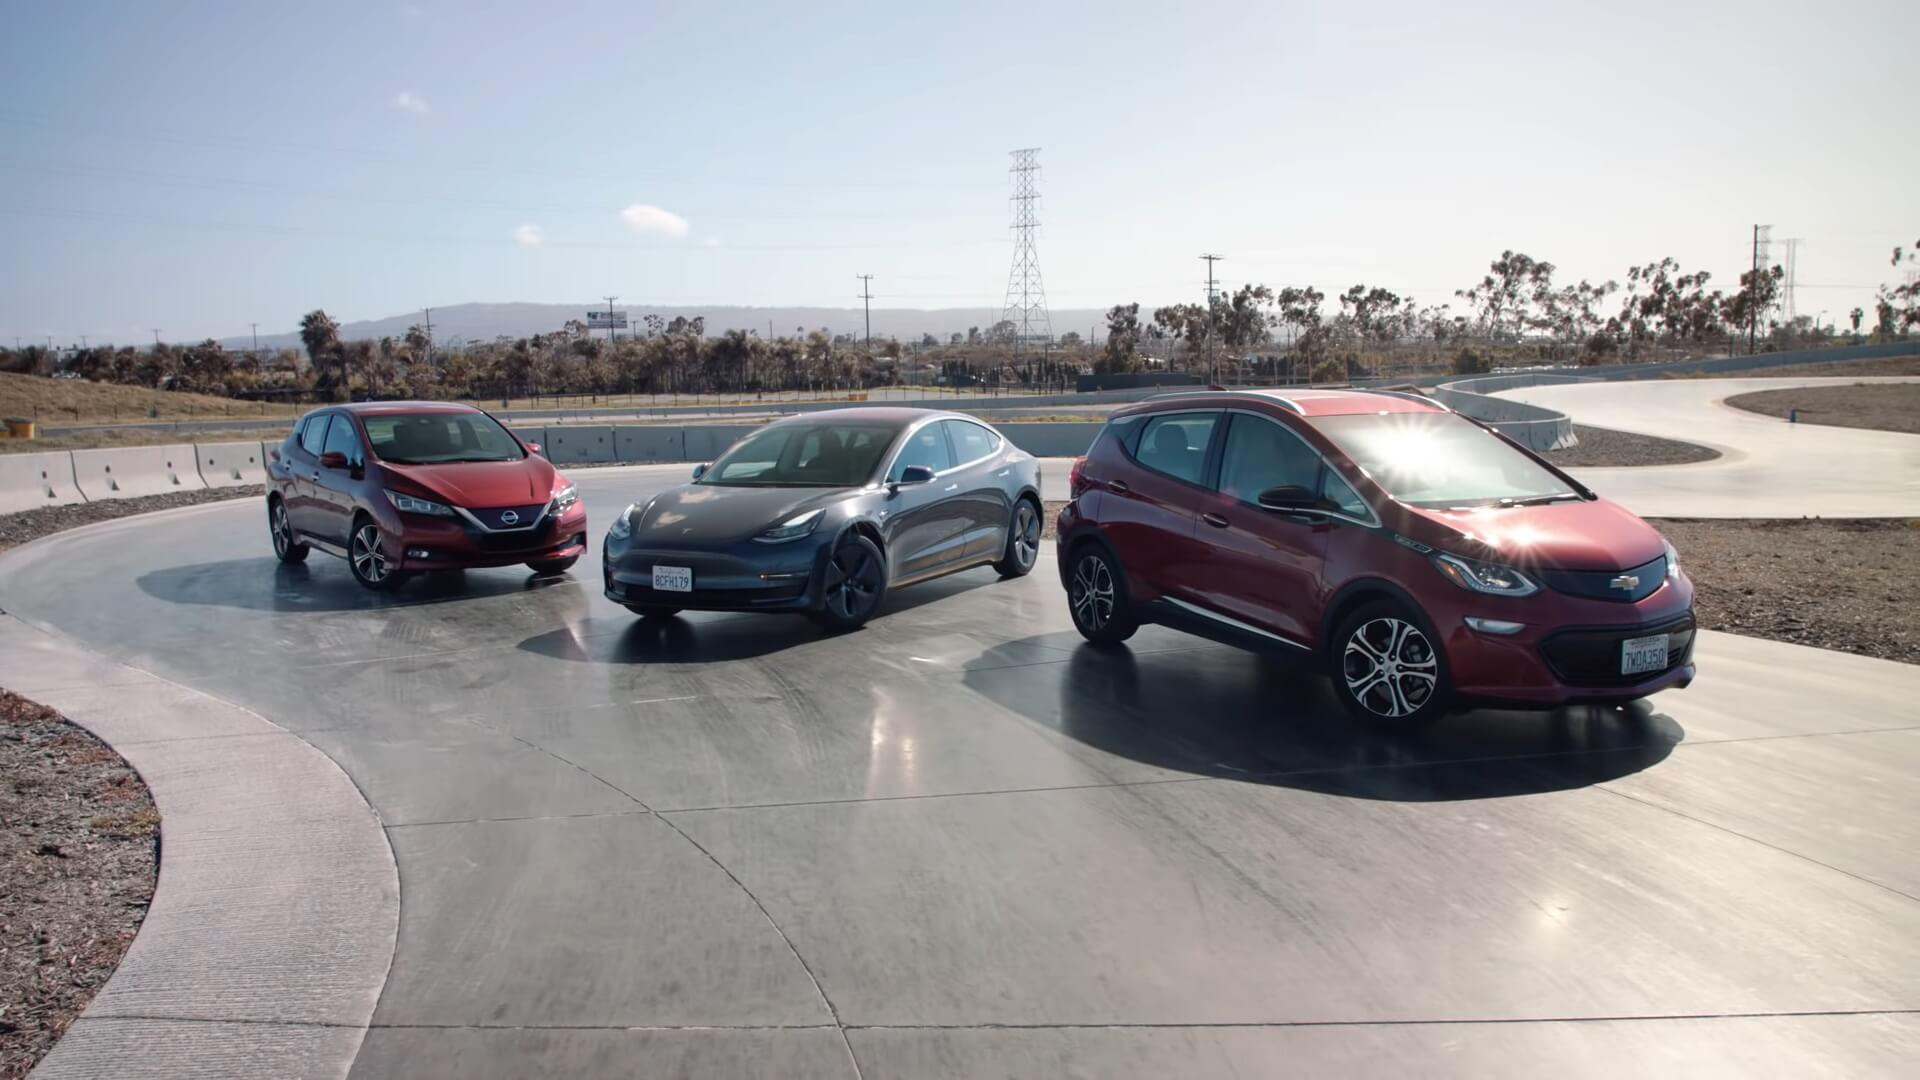 Электромобили: Nissan Leaf 2018, Tesla Model 3 и Chevrolet Bolt EV